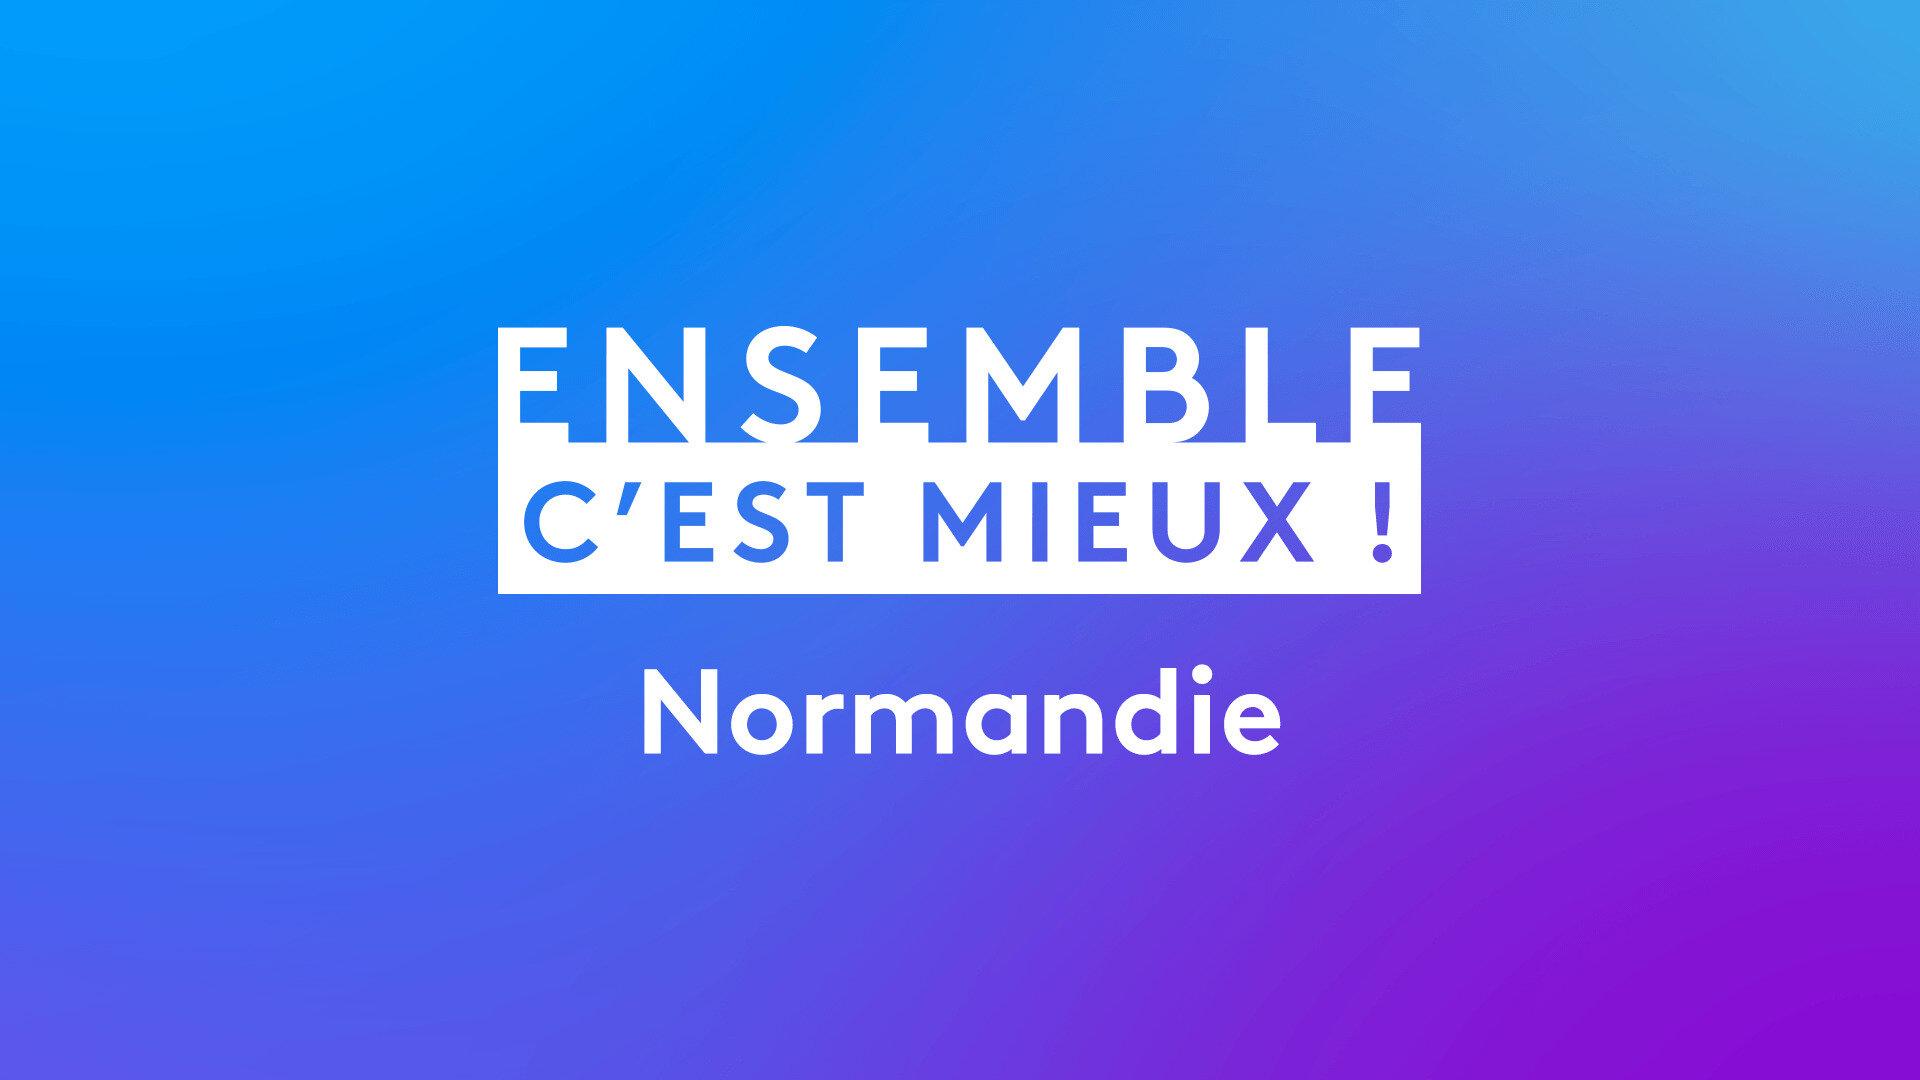 Ensemble c'est mieux ! Normandie